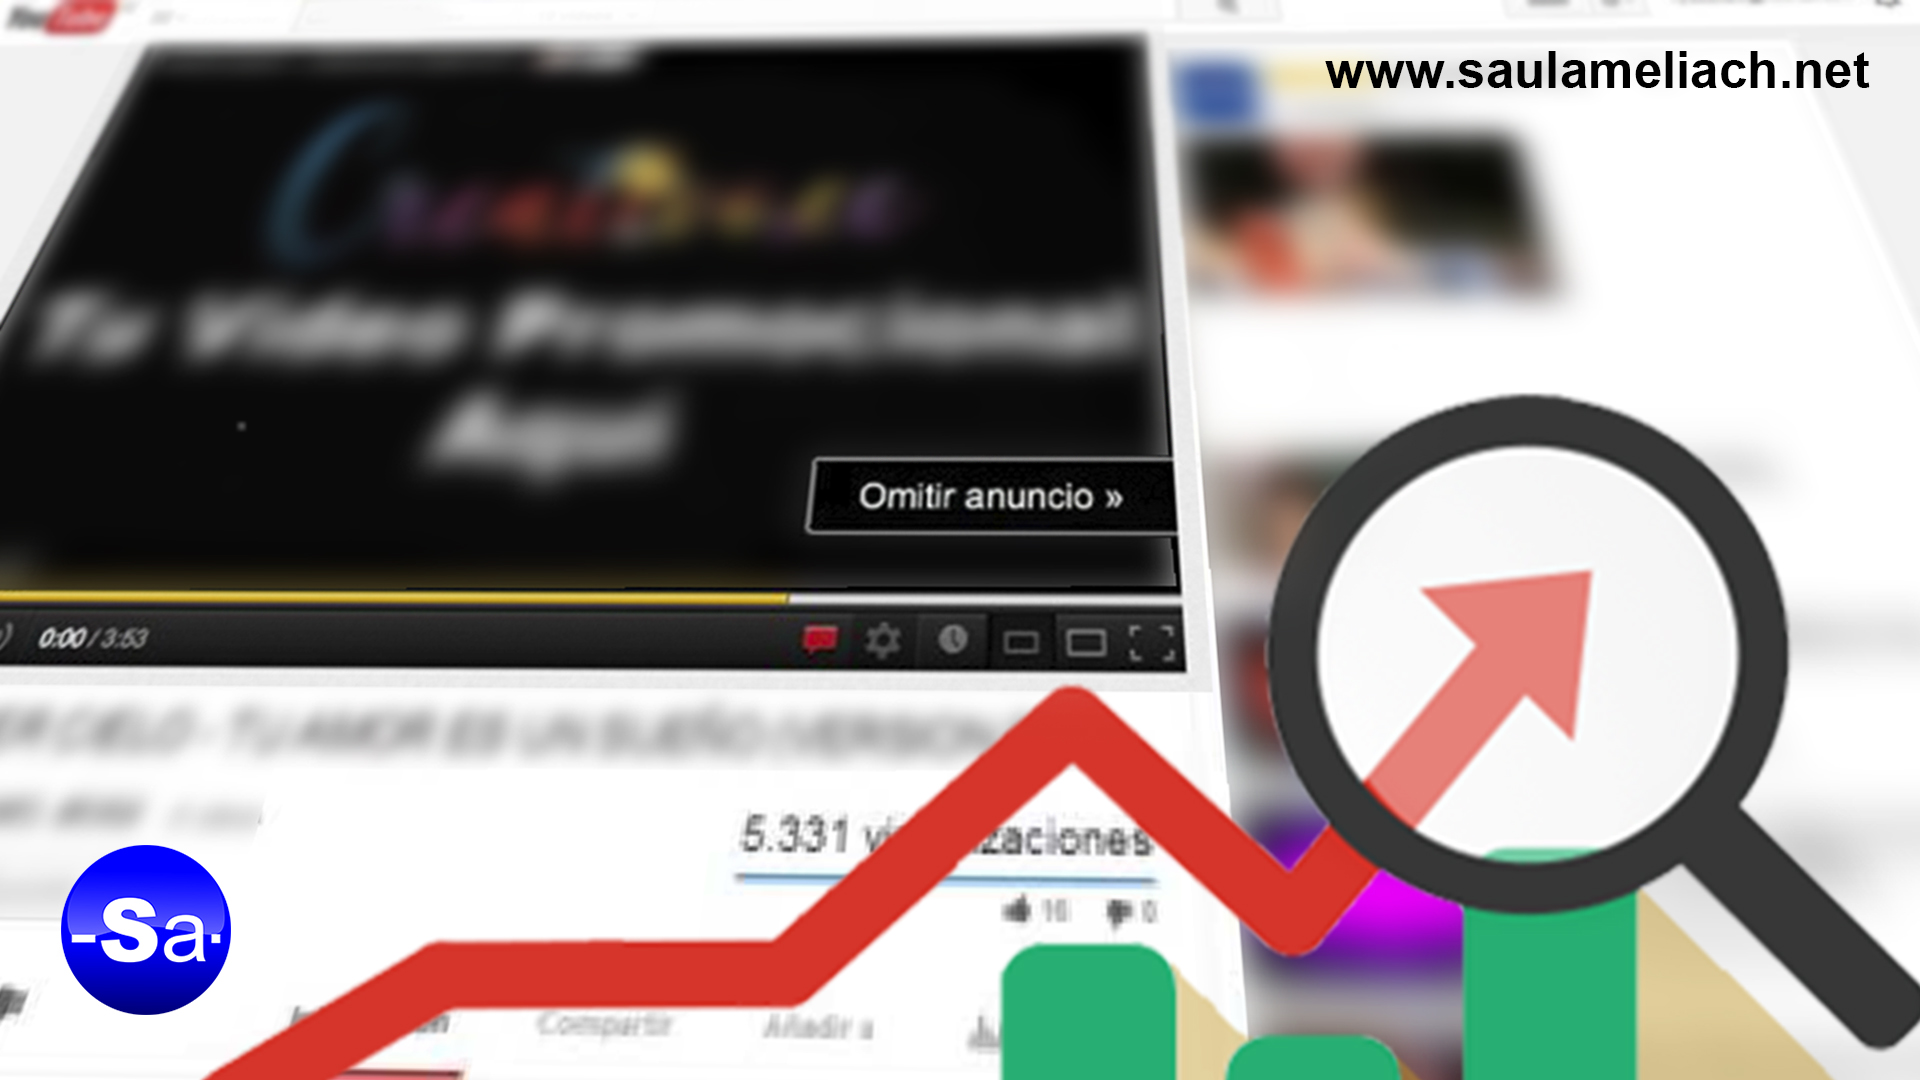 Saul Ameliach tecnología de vídeo